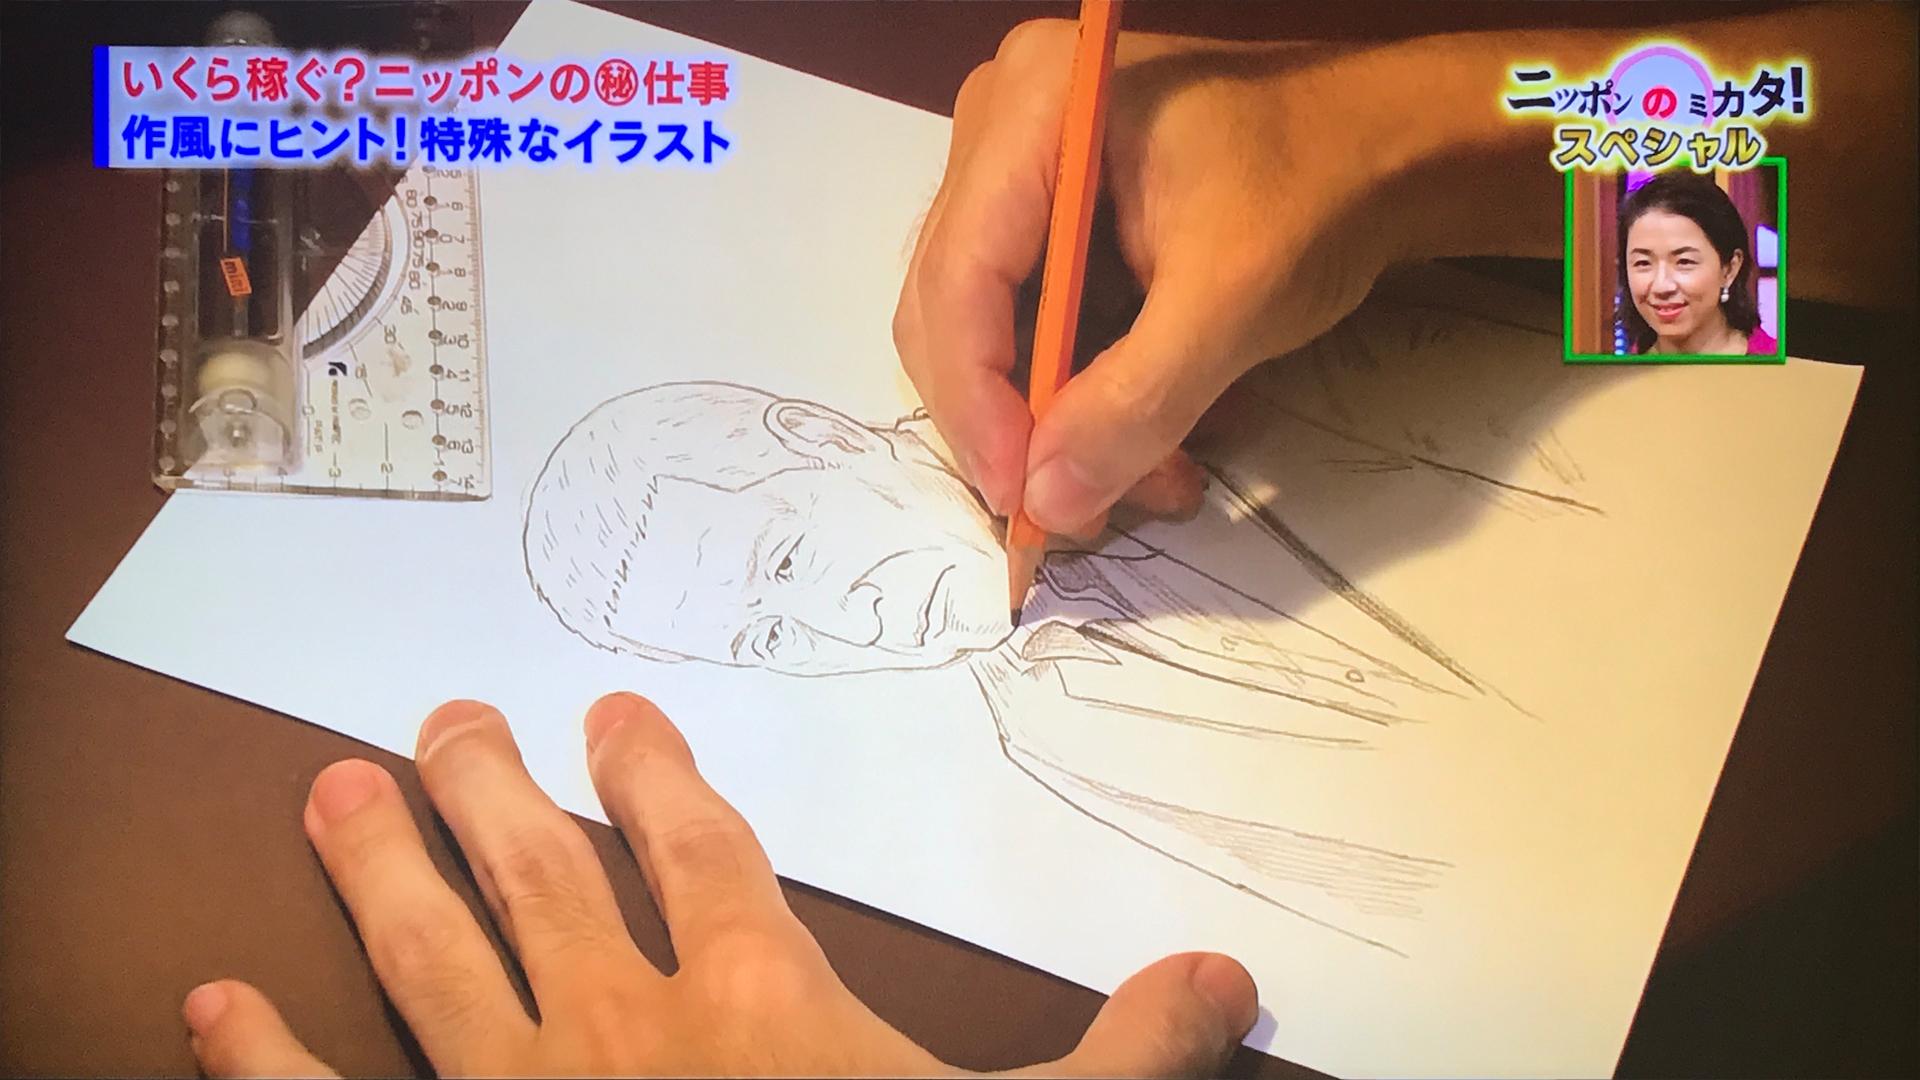 ニッポンのミカタ13